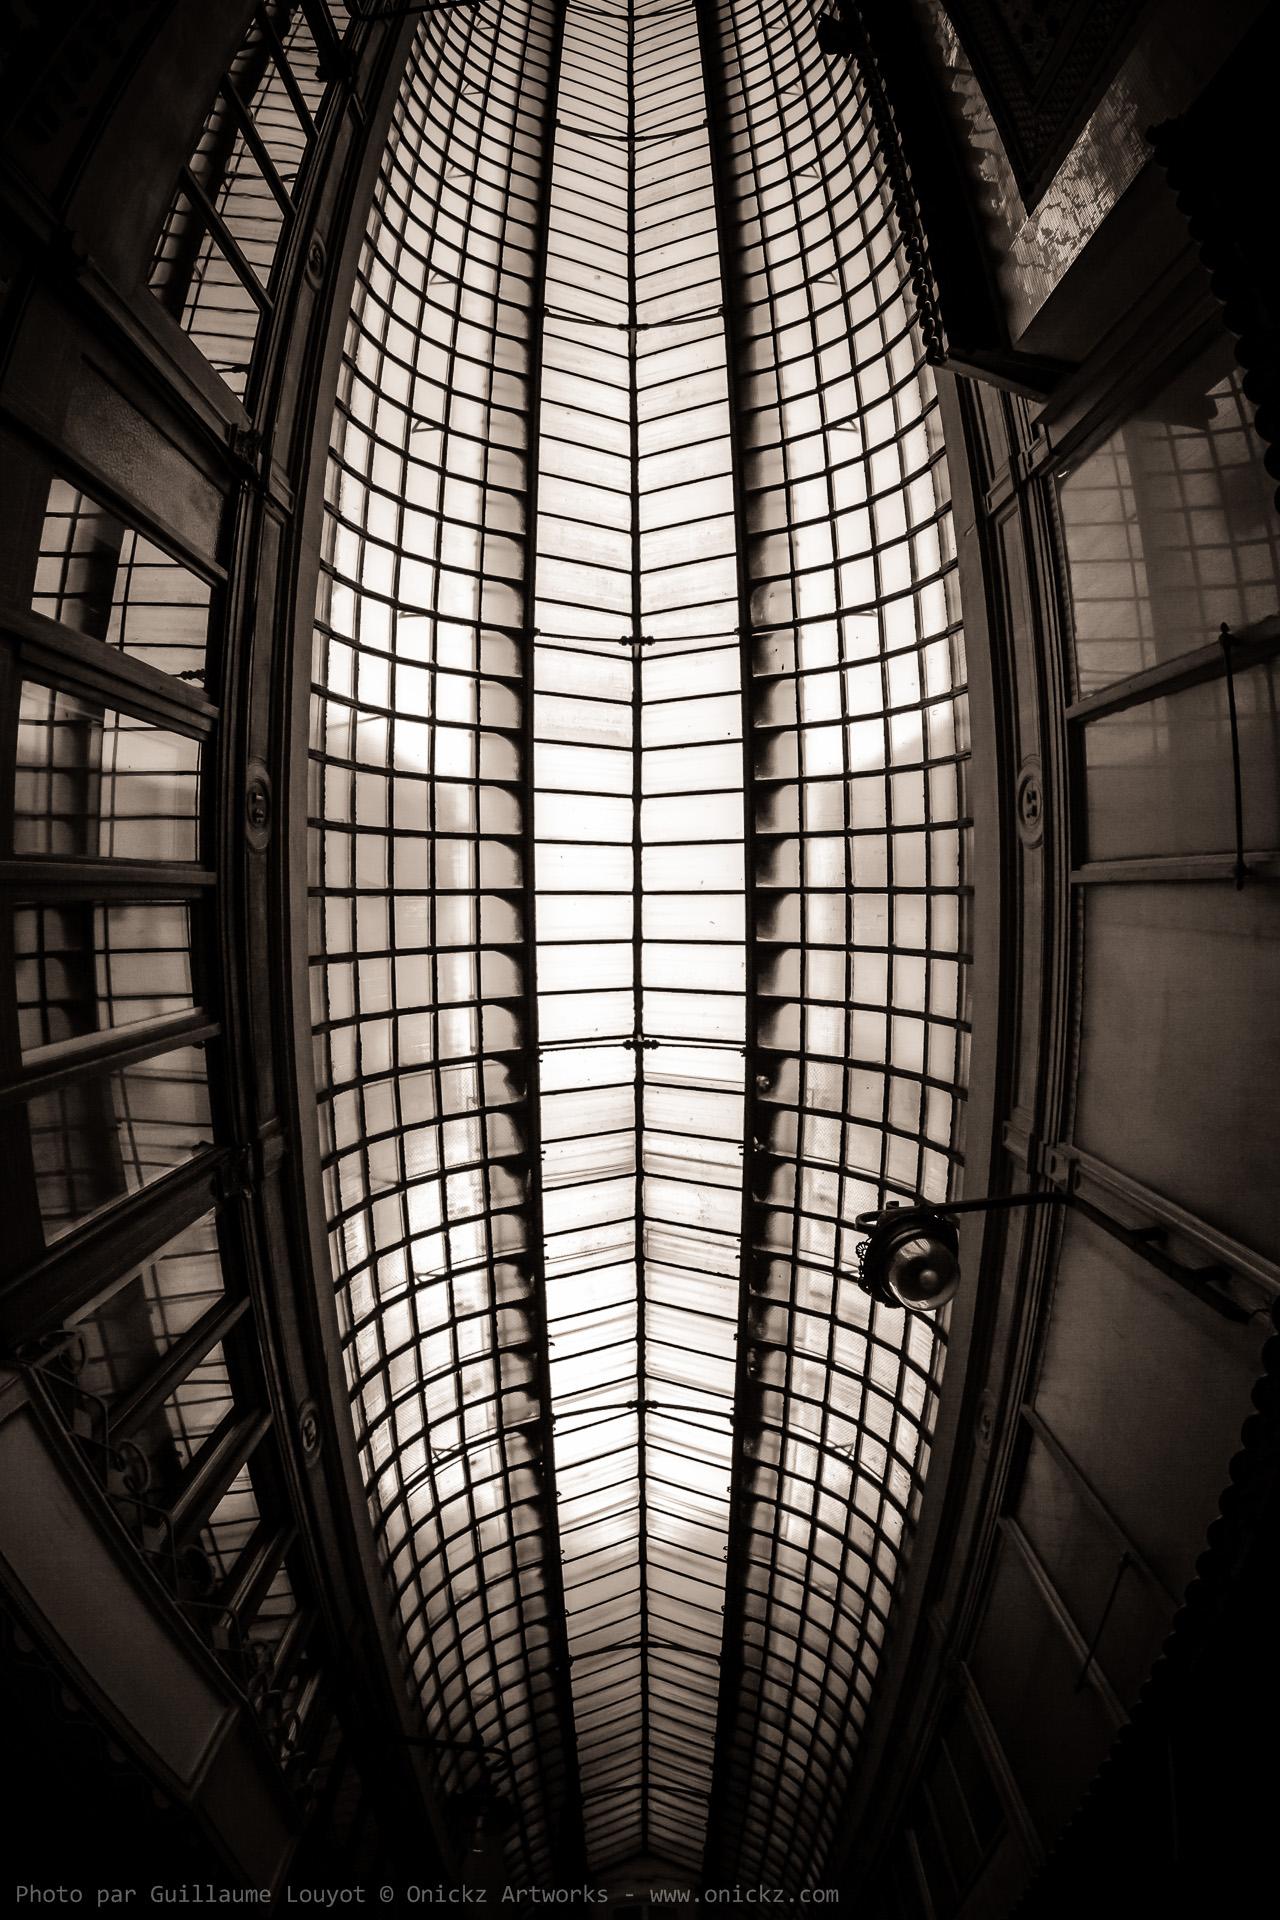 Paris 10.2013 - photo num 36863 par Guillaume Louyot - Onickz Artworks